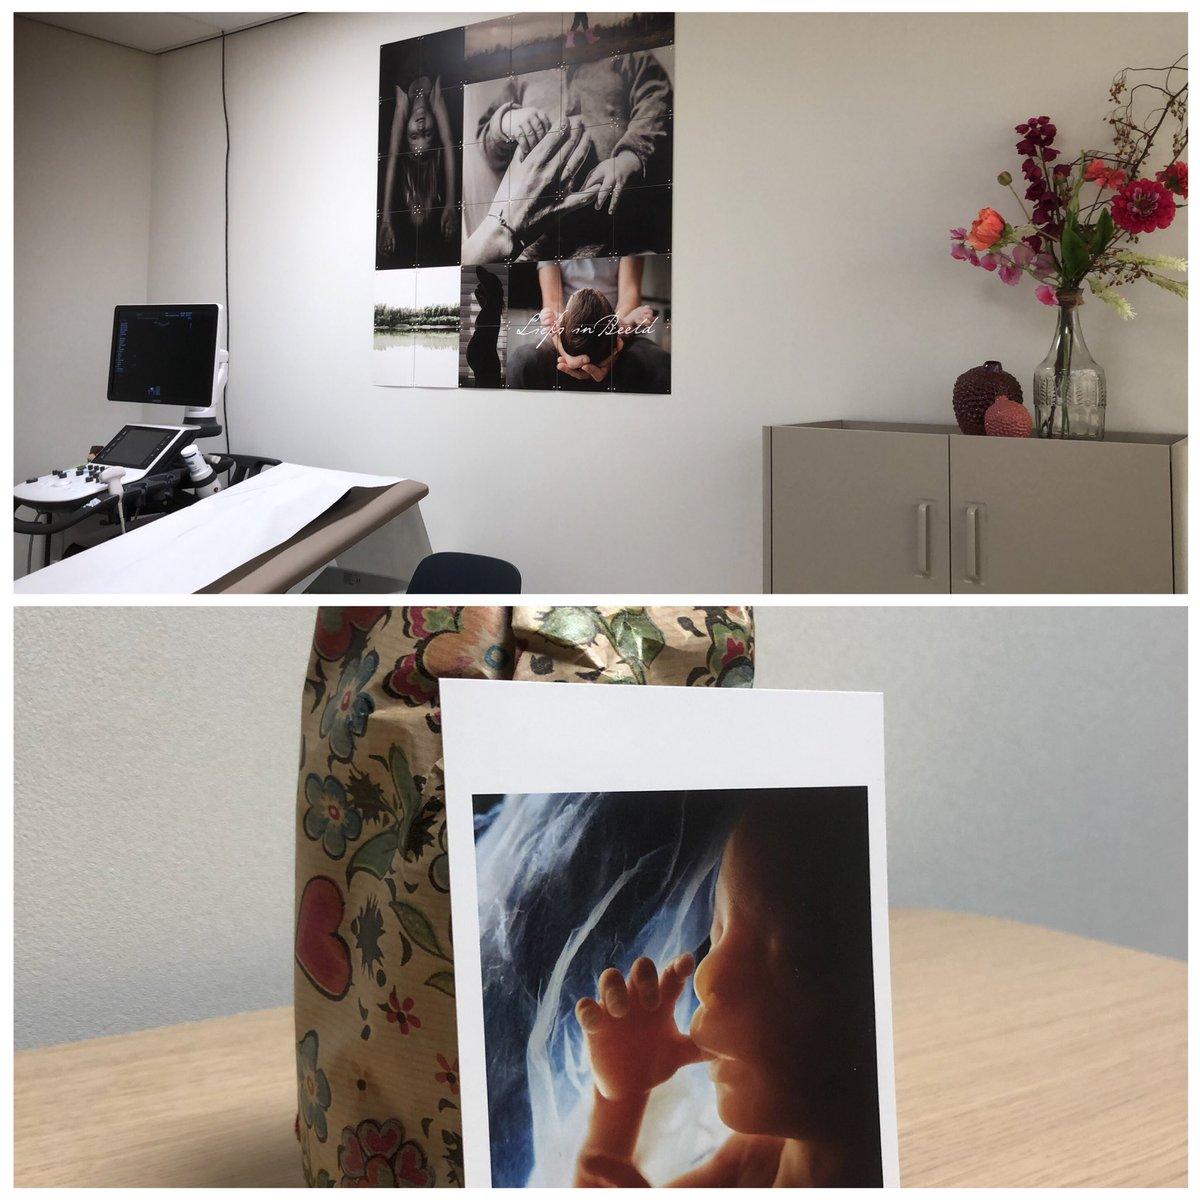 test Twitter Media - De dag begonnen met een leuk presentje van een collega. Eerste dag in dependance van #VCN #CVN Mooie plek om vrouwen diagnostiek te bieden #SEO #groeiecho #spiralen #gynaecologische #echo #waalsprongCWZ https://t.co/EdOoaD7eMP